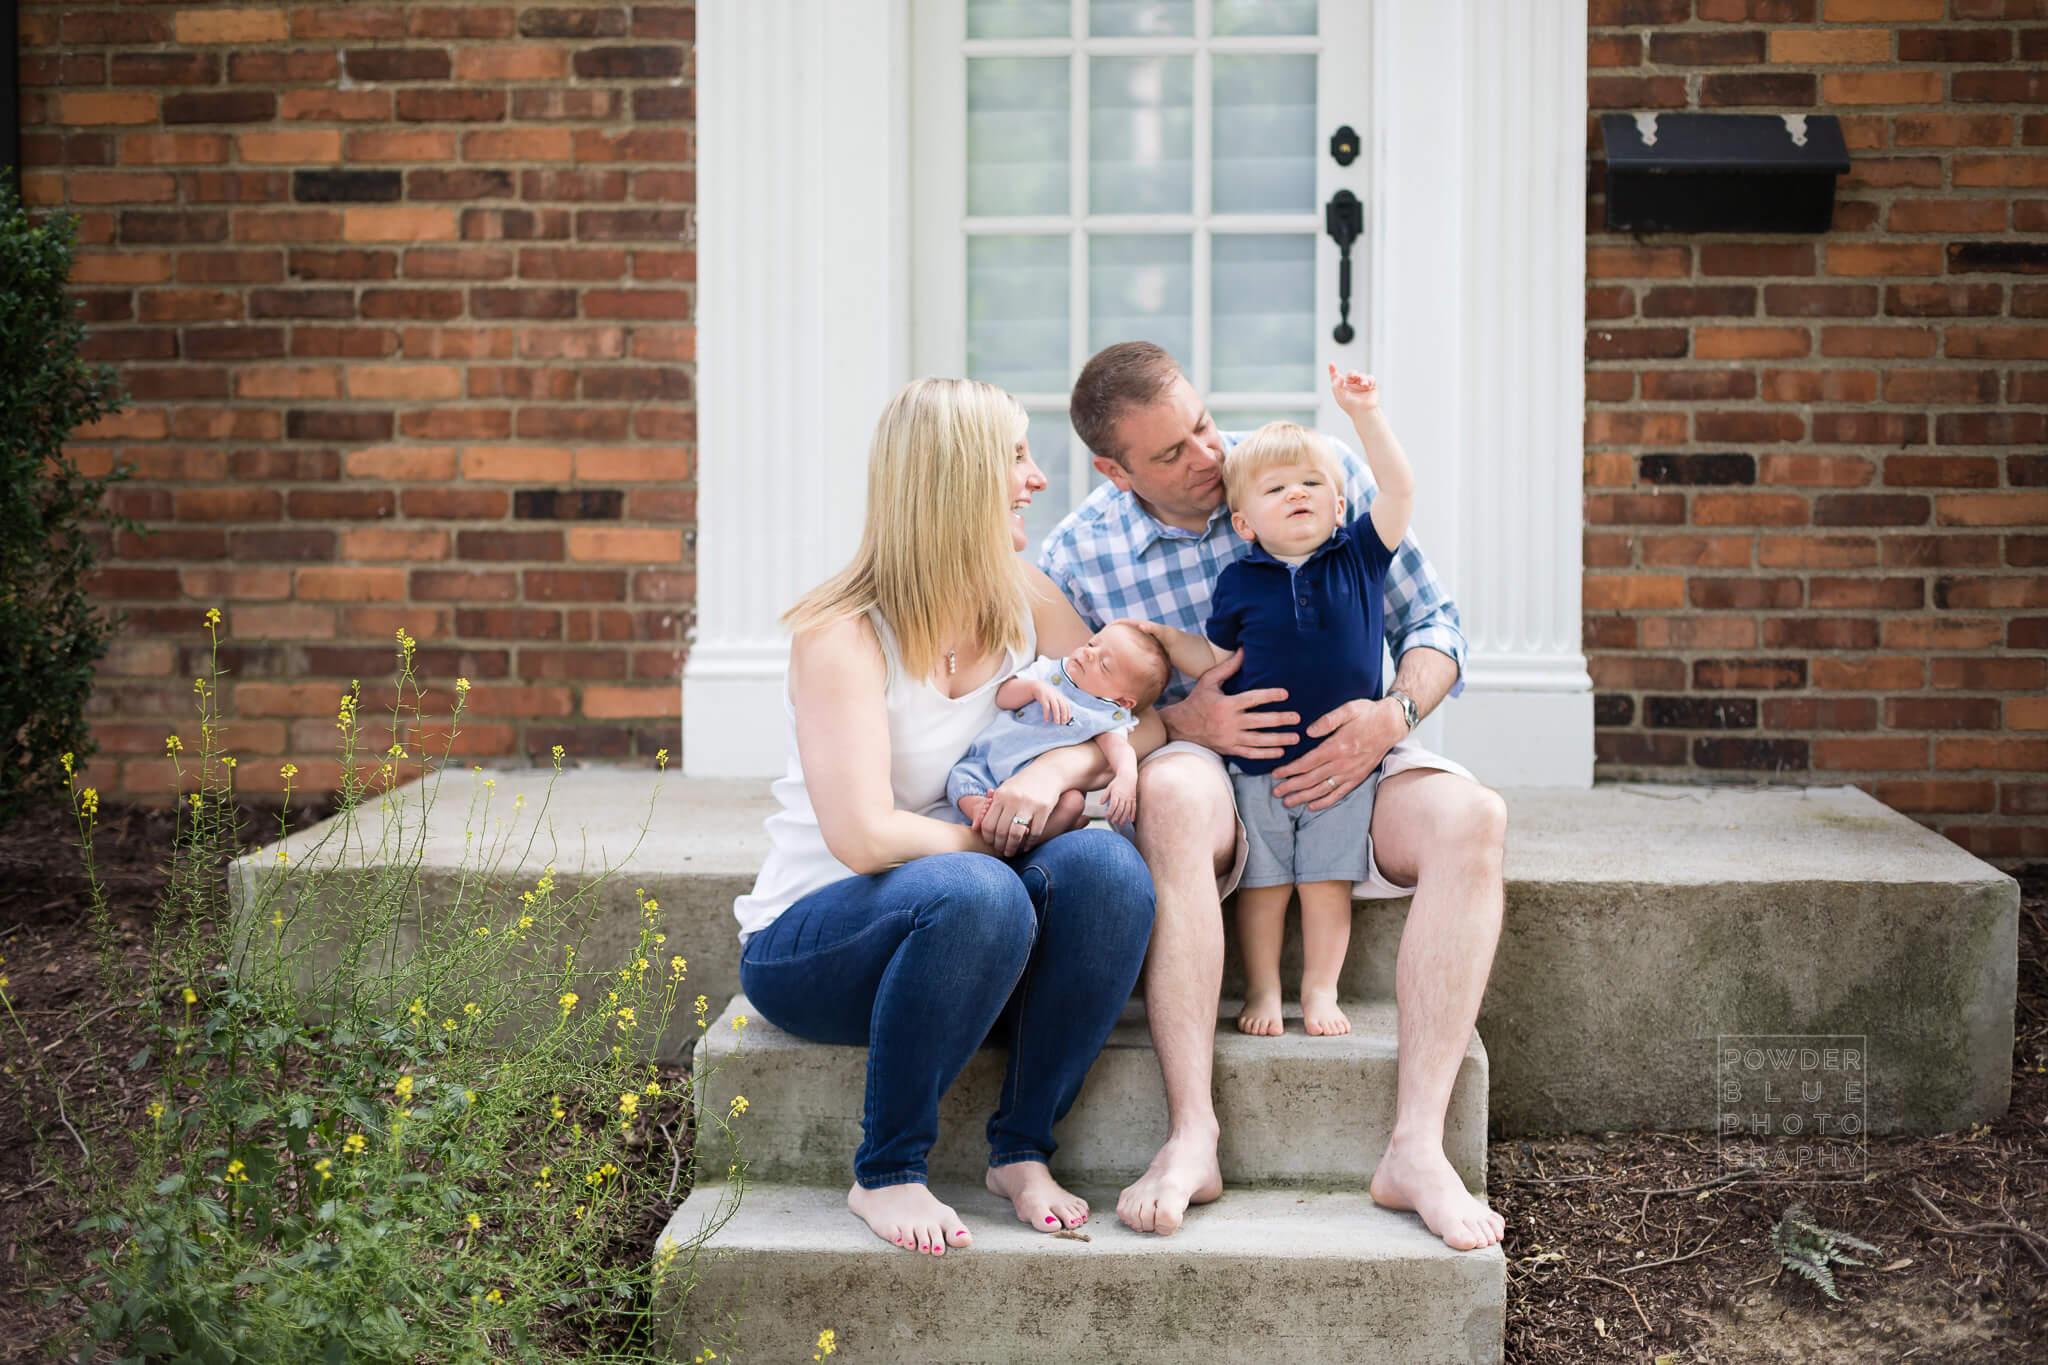 Pittsburgh Newborn Photographer | Outdoor Newborn Portraits | Baby Aidan